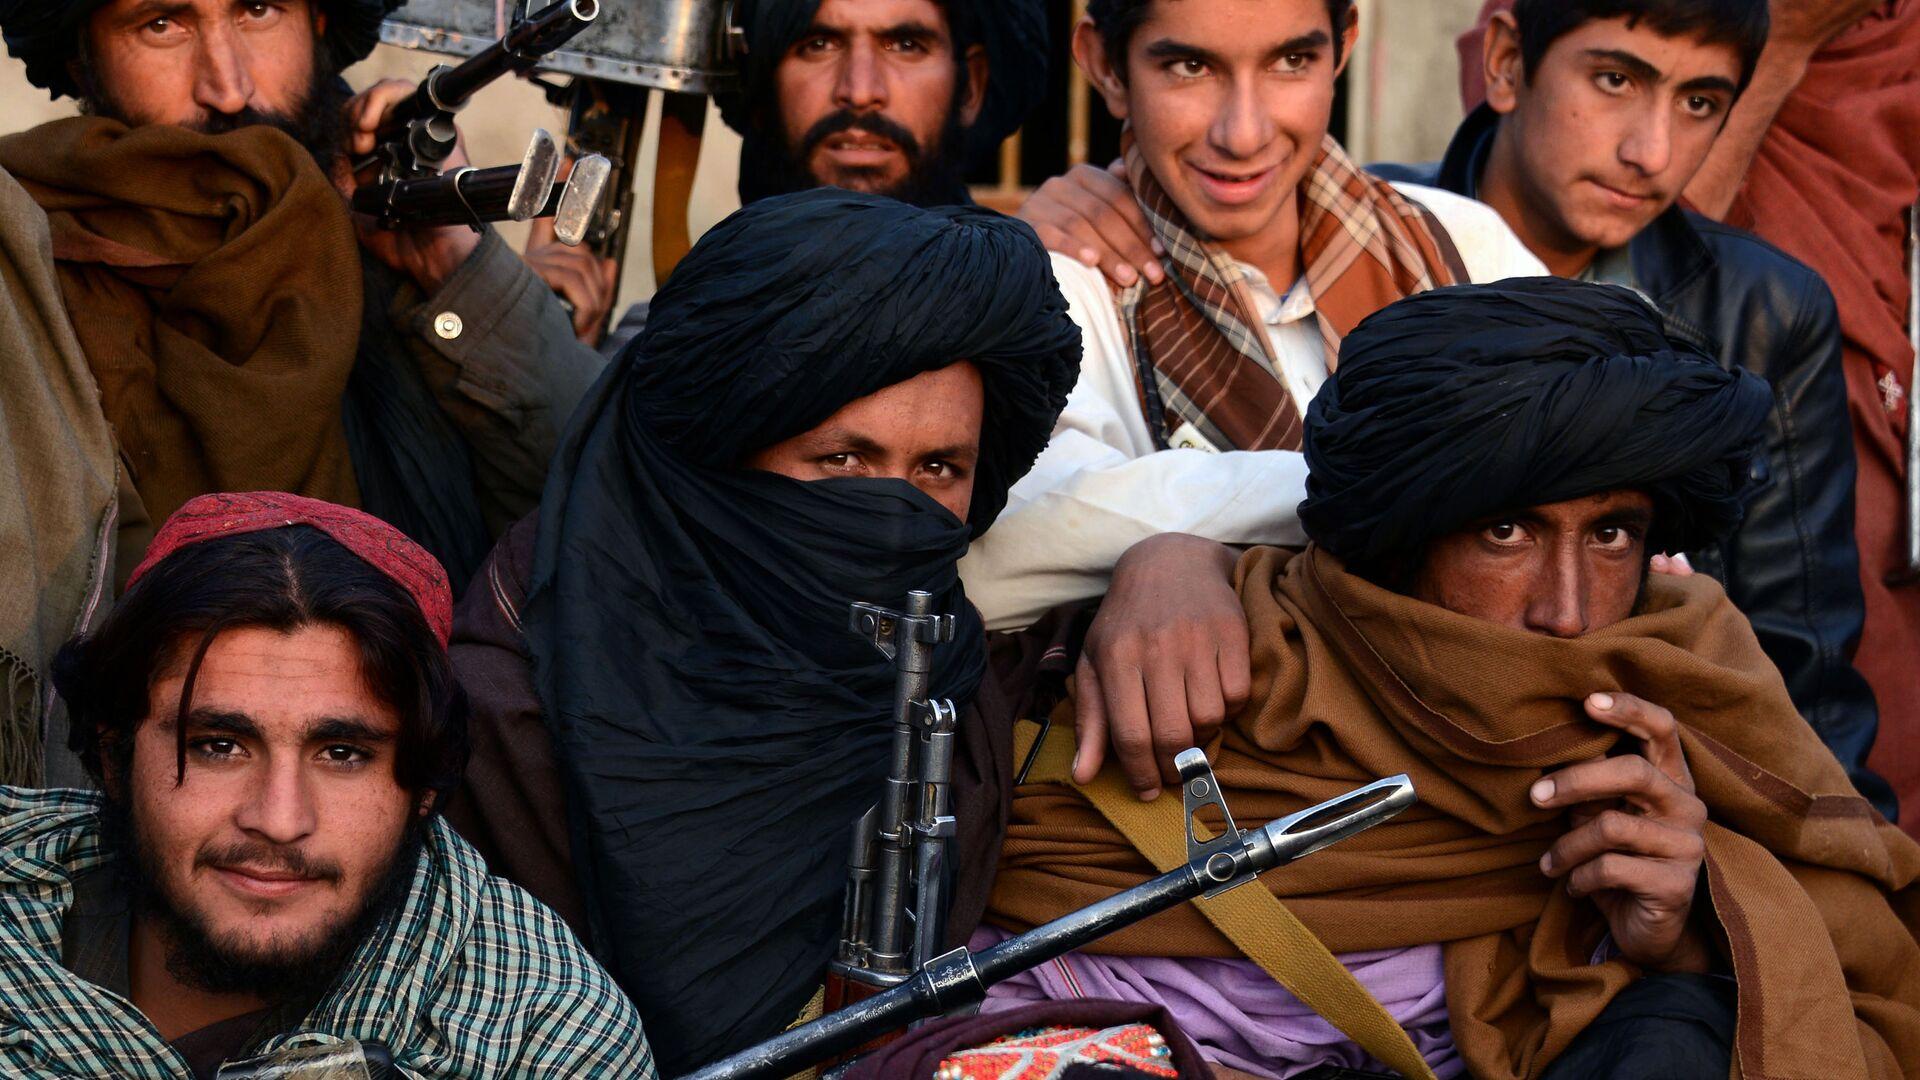 Členové hnutí Tálibán v provincii Farah (archivní foto) - Sputnik Česká republika, 1920, 07.09.2021